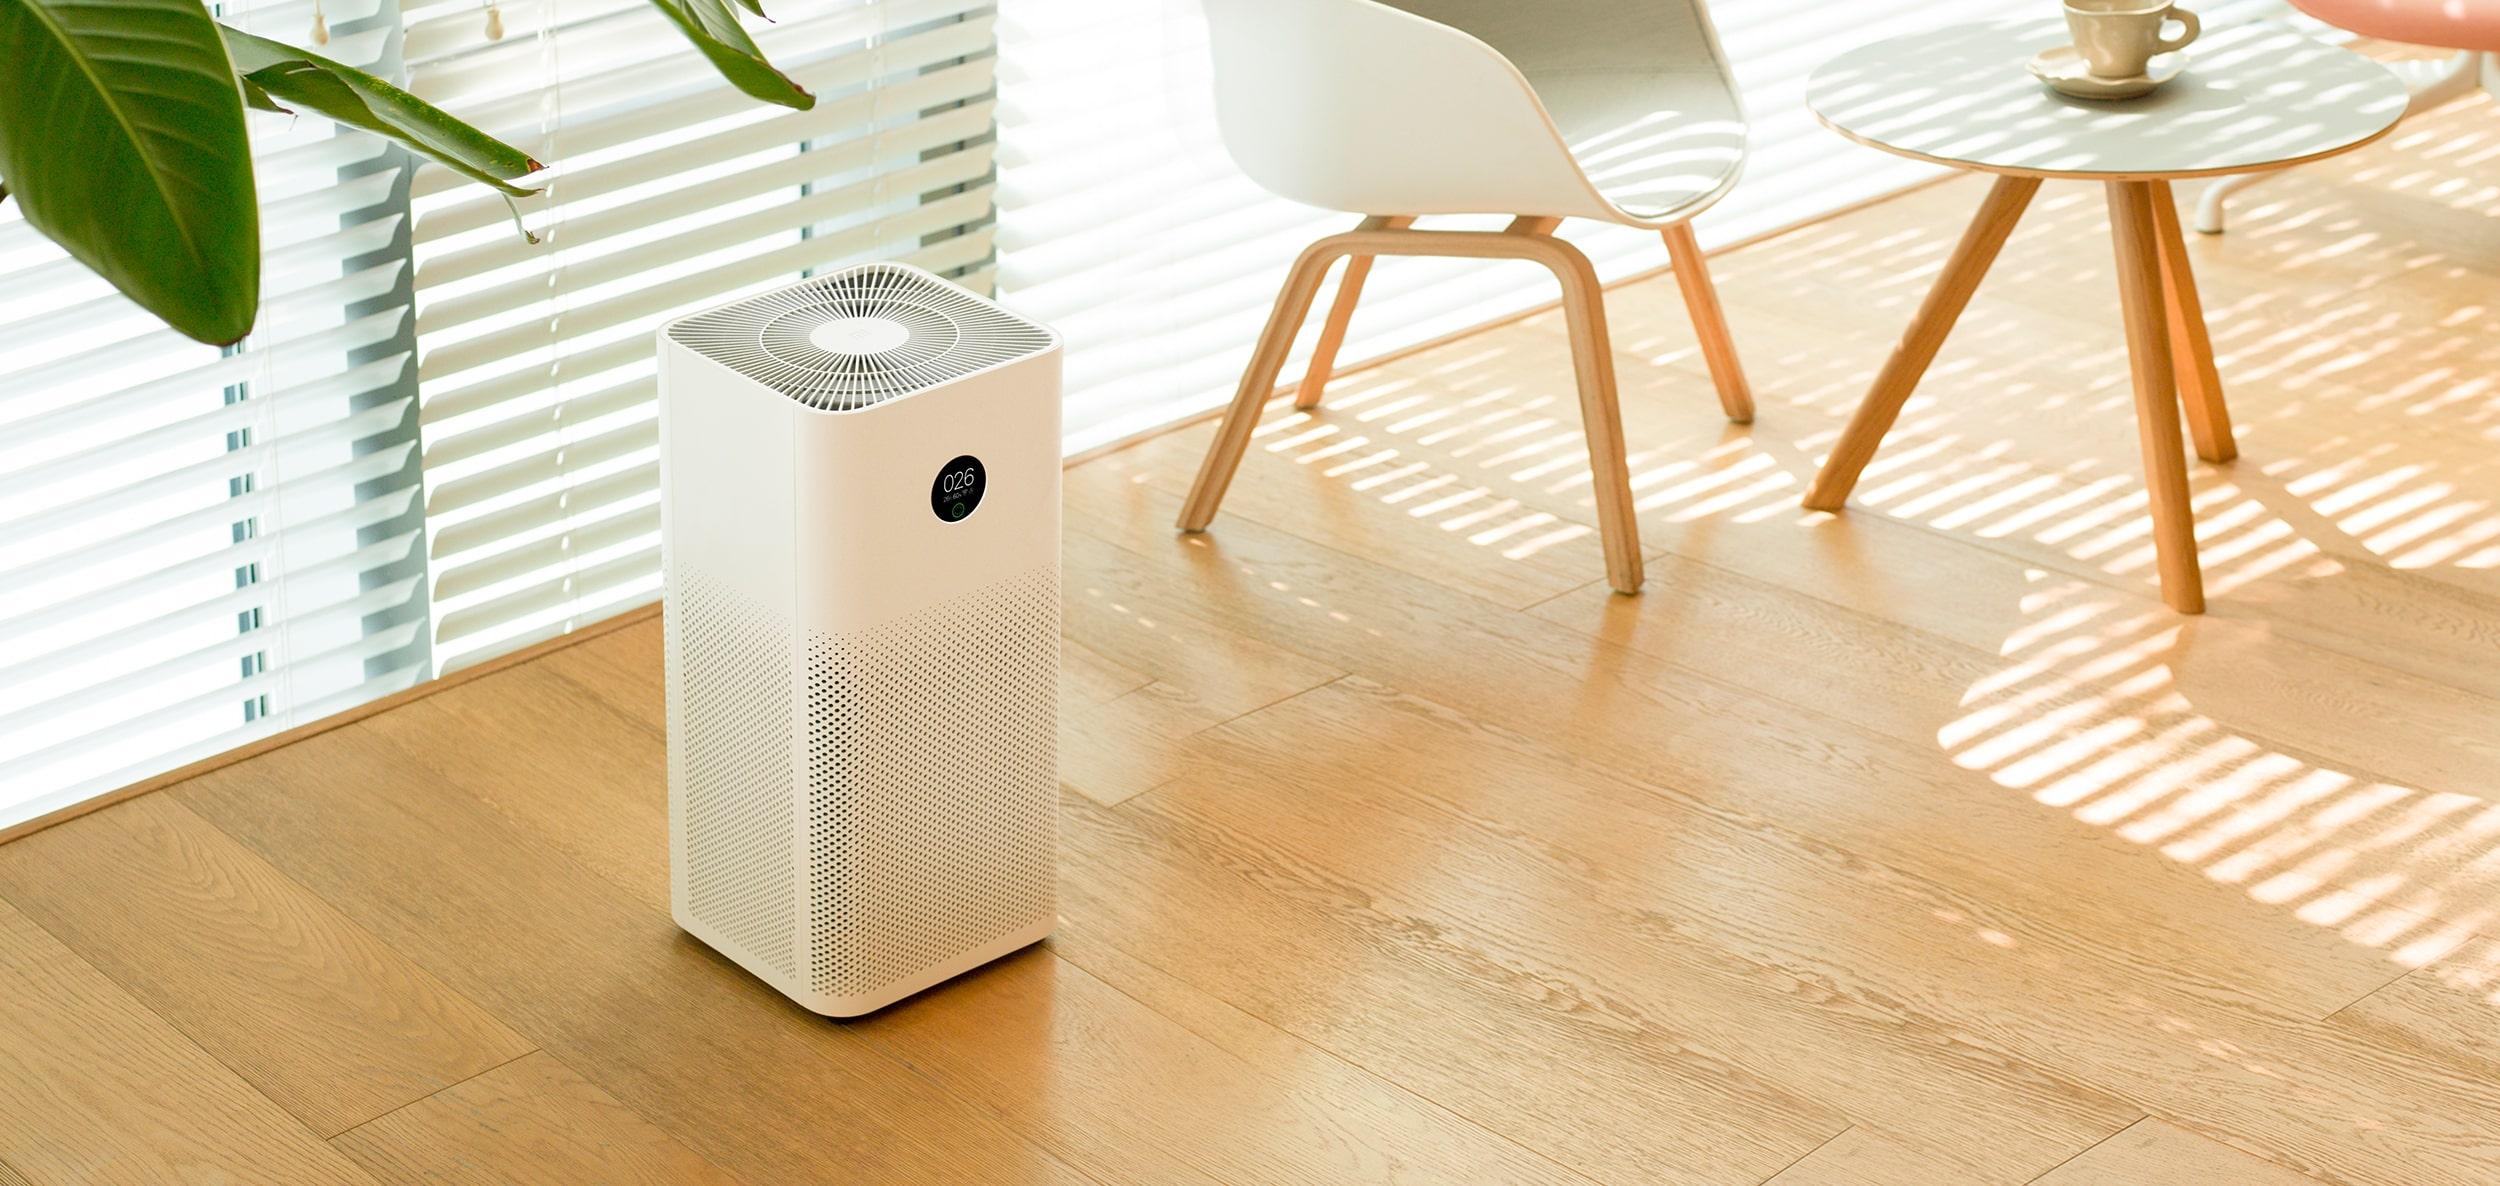 Oczyszczacze powietrza Xiaomi - design